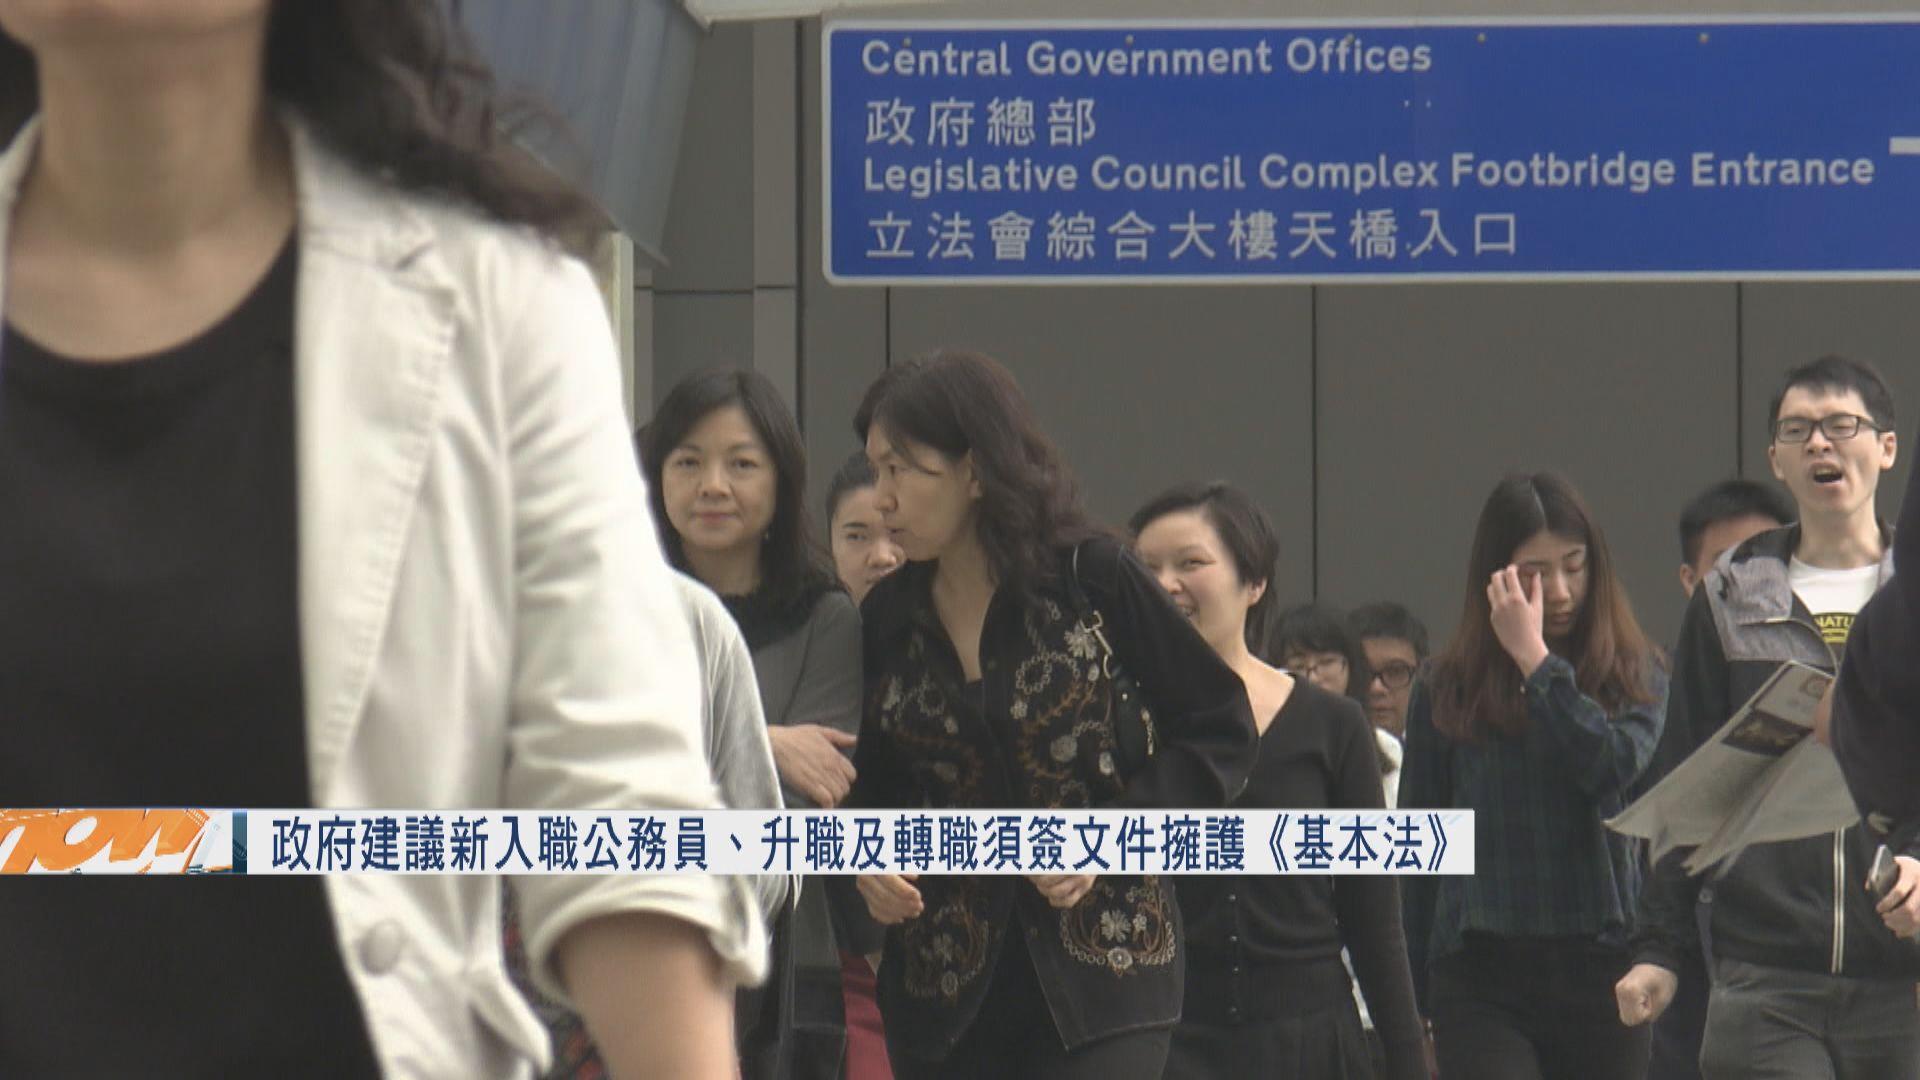 政府建議新入職升職轉職公務員須簽文件擁護基本法